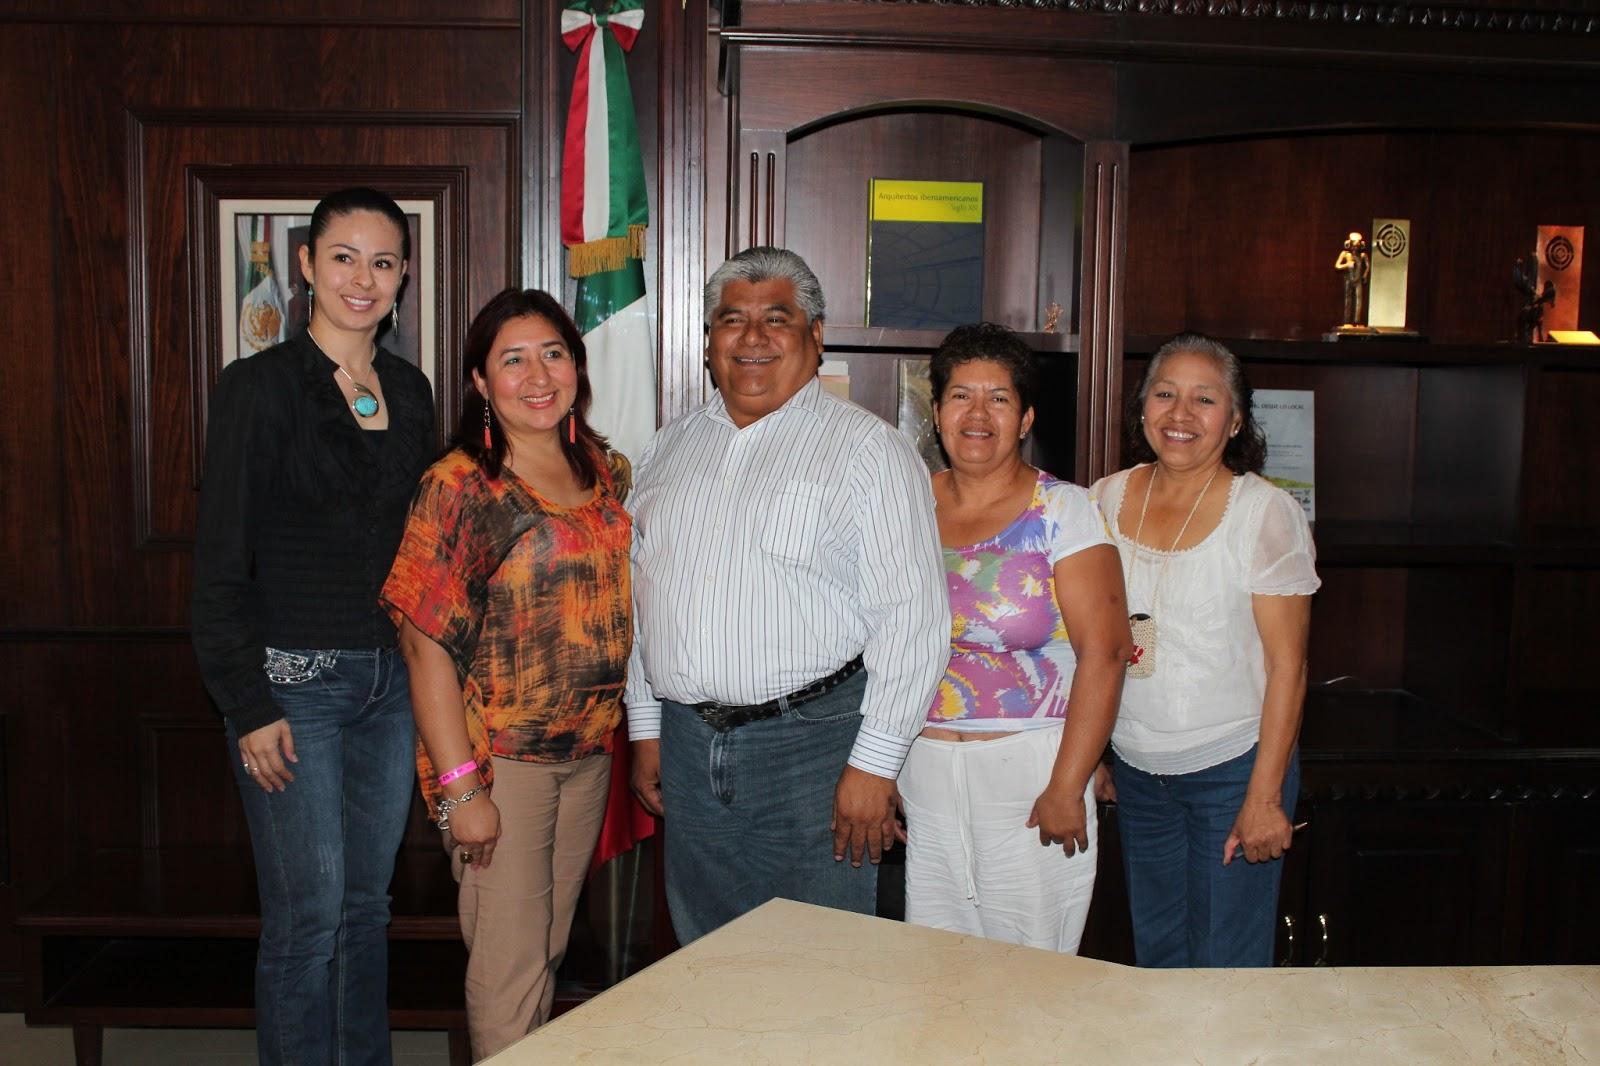 Instituto de las Mujeres de San Luis Potos IMES se rene con autoridades municipales de Ciudad